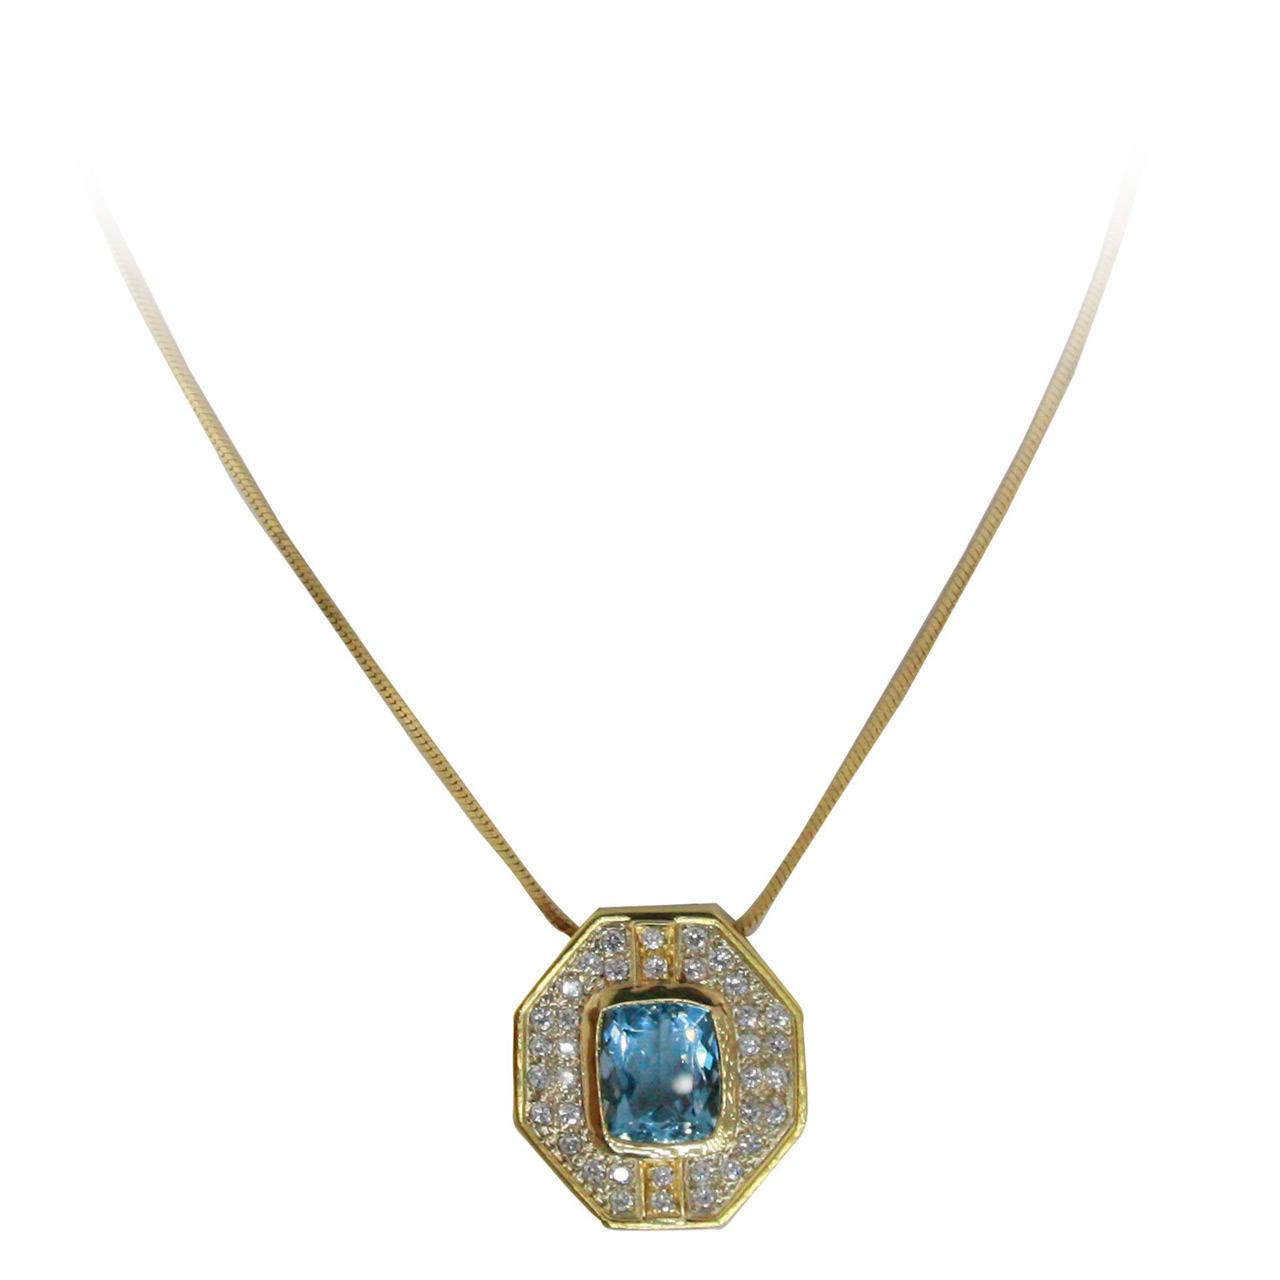 5.5 Carat Aquamarine & Diamond Gold Pendant Necklace 1